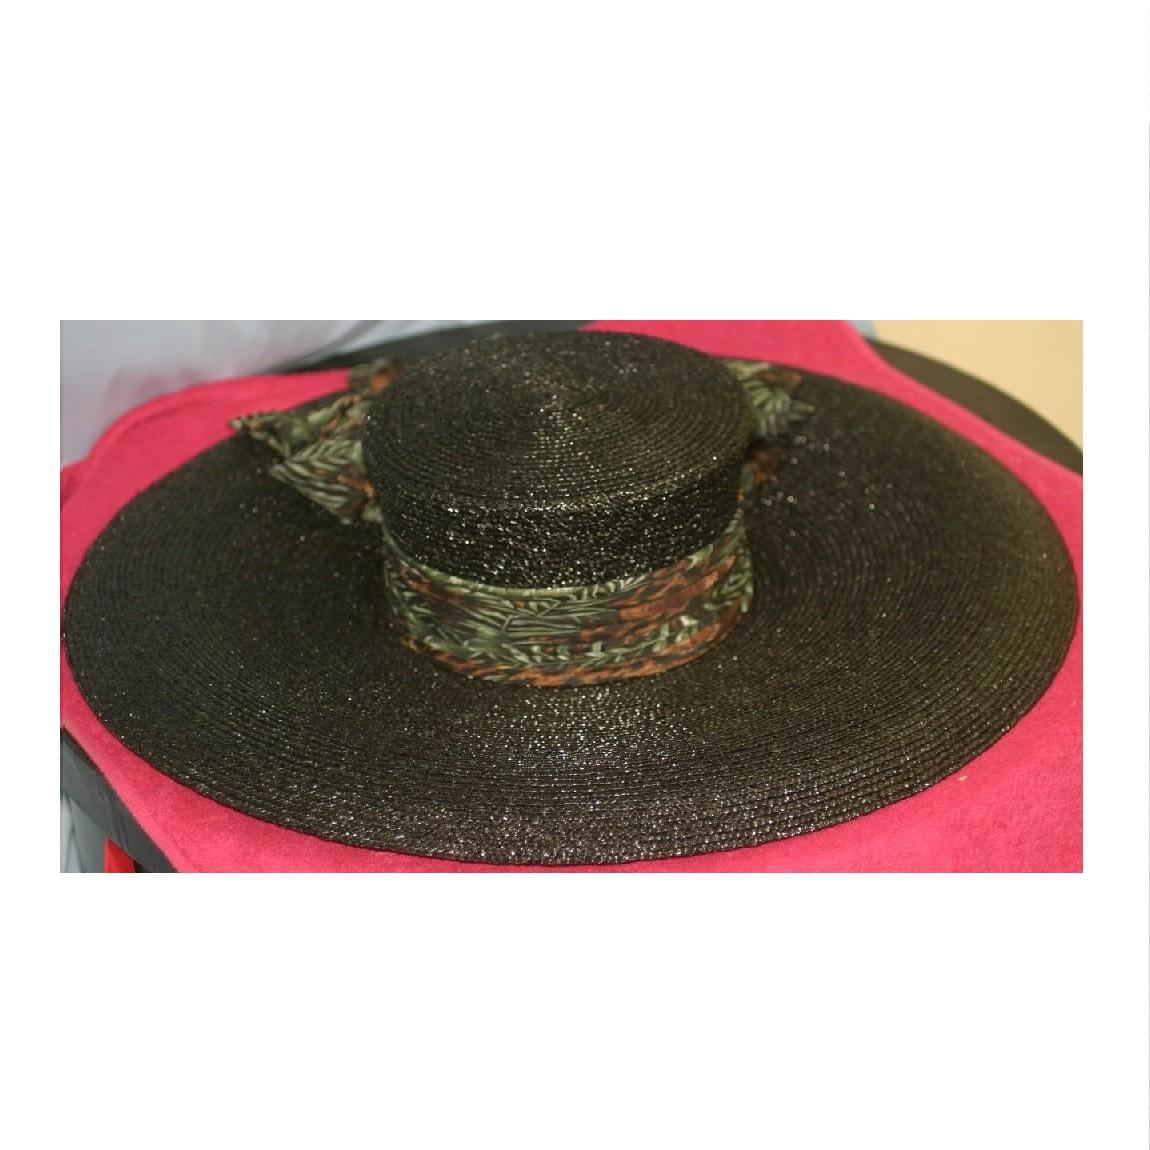 【中古】本物新品同様エルメス直径53センチ黒い竹素材ゴージャスな帽子竹模様のスカーフが巻かれています